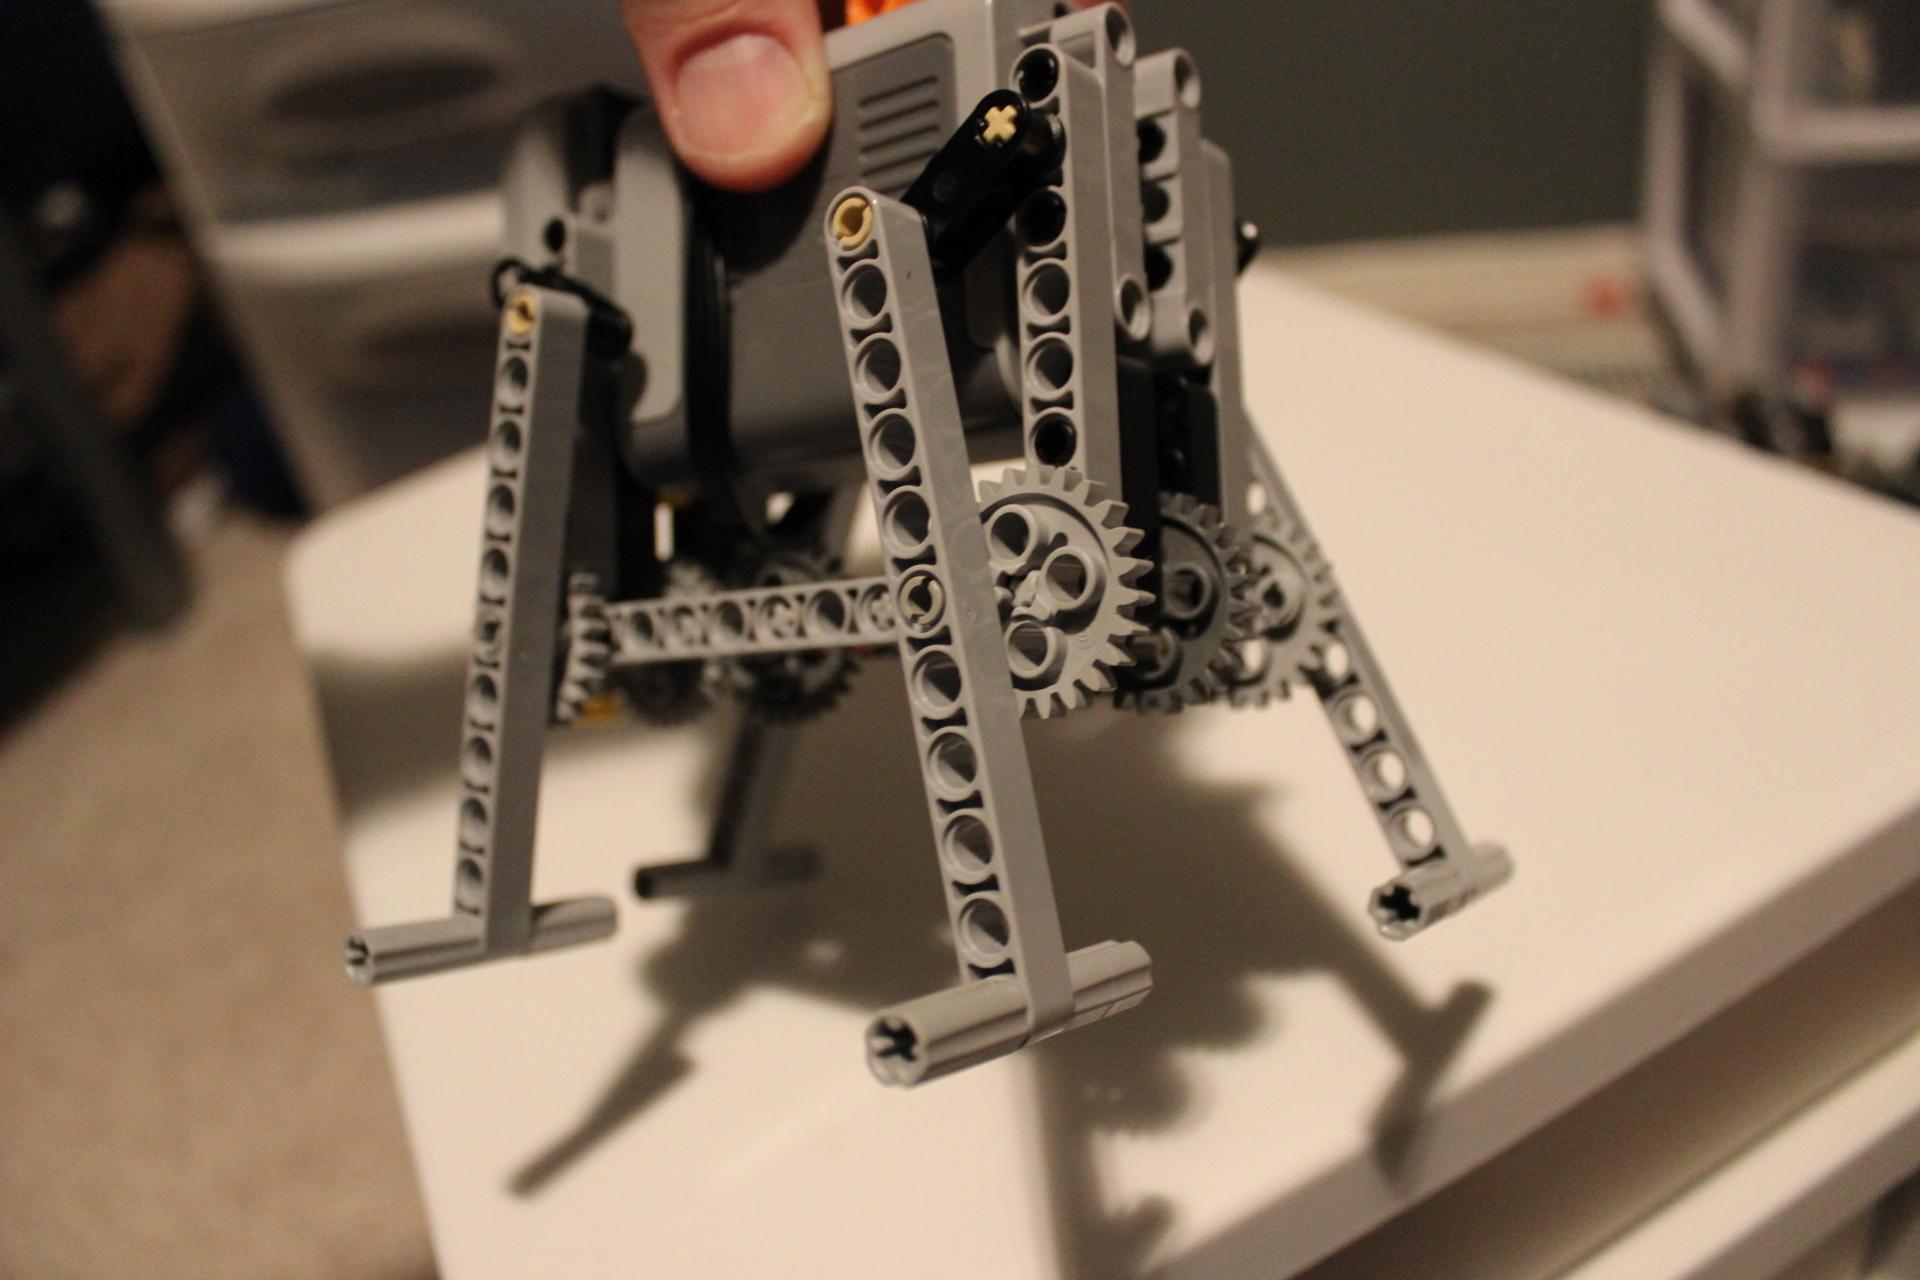 Basic Four-leg LEGO Walker - back angle